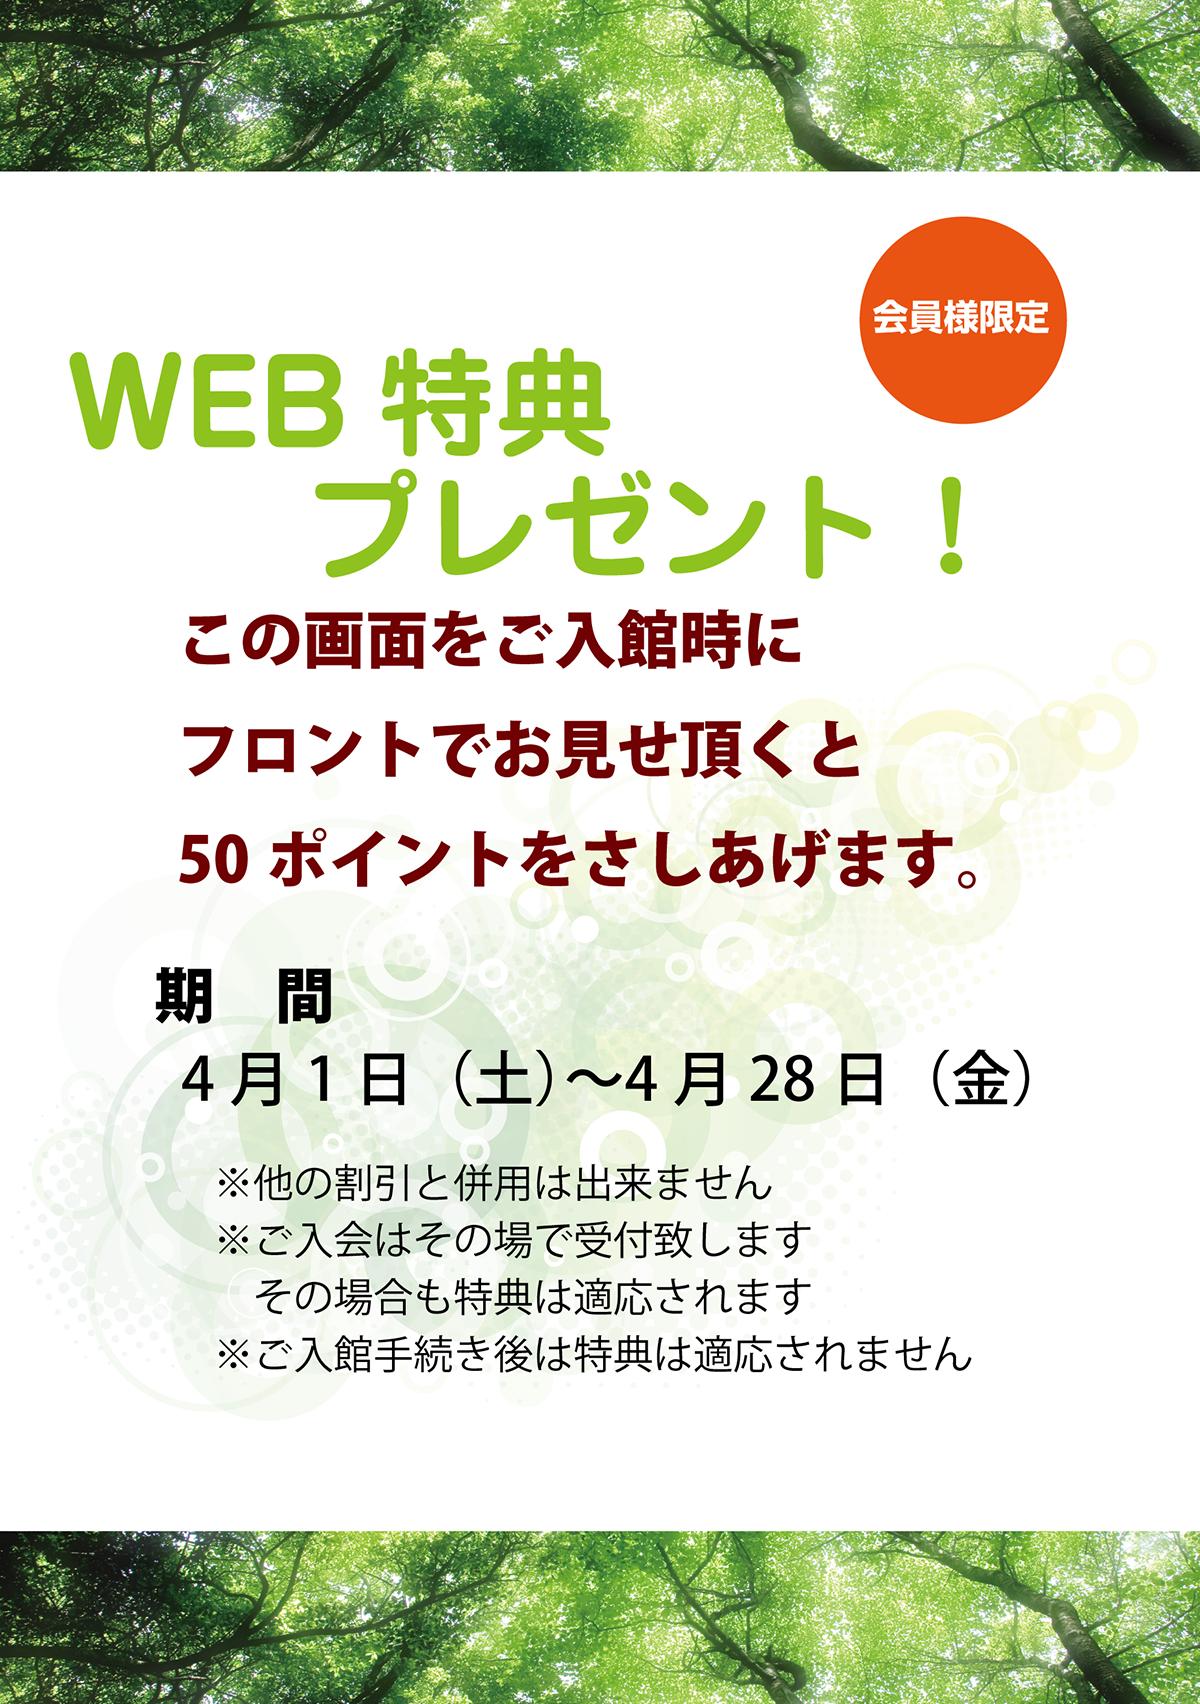 WEB特典プレゼント!!(会員様限定)